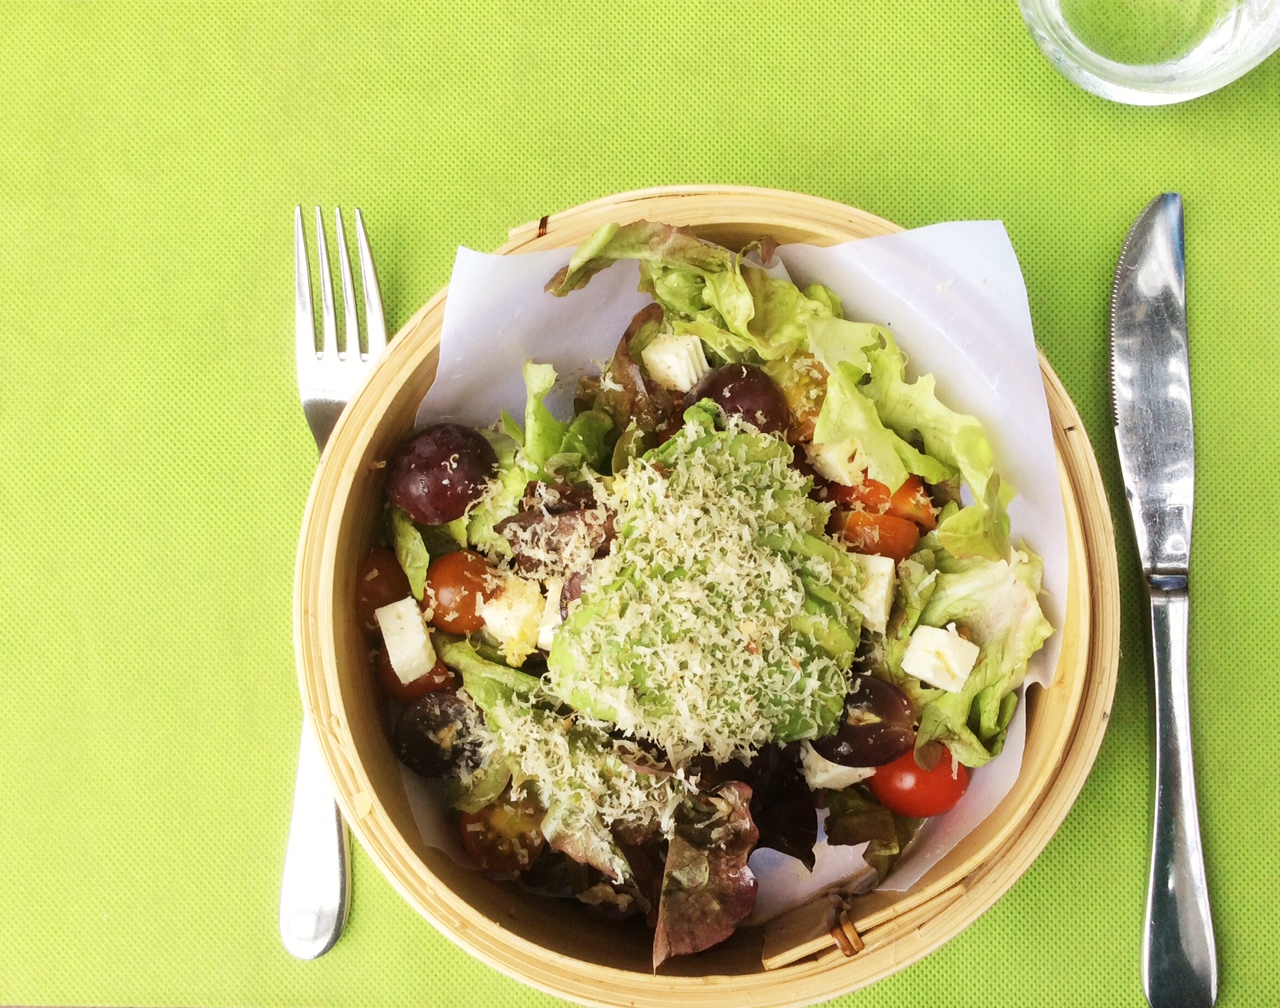 Foto di un'insalata in un cestino, su fondo verde